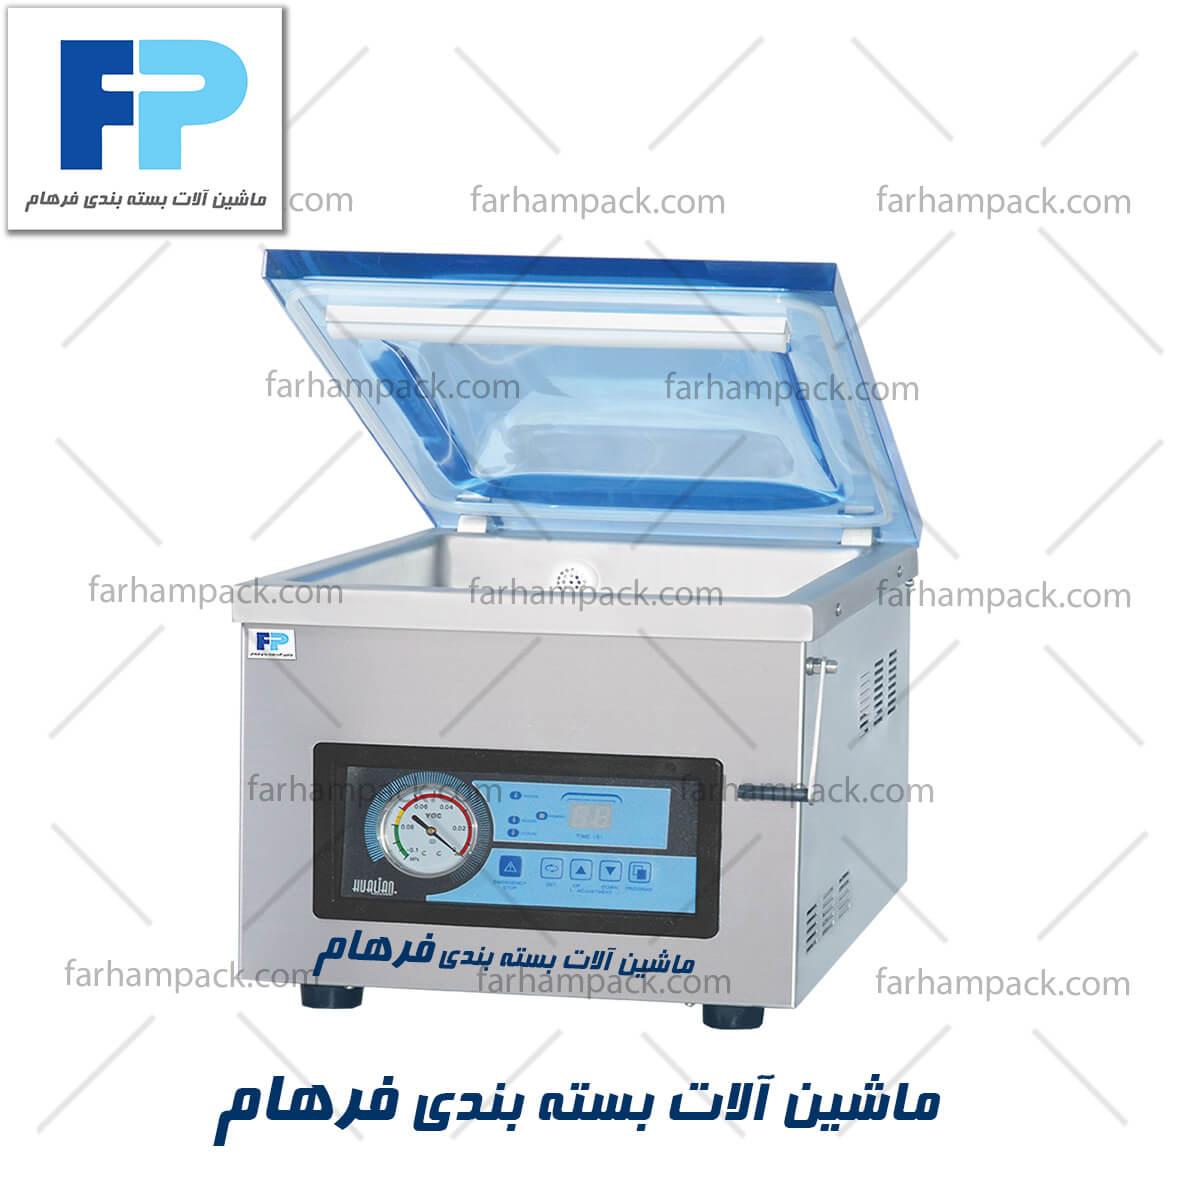 بسته بندی وکیوم چیست-دستگاه وکیوم رومیزی-انواع دستگاه وکیوم بسته بندی-قیمت دستگاه بسته بندی وکیوم